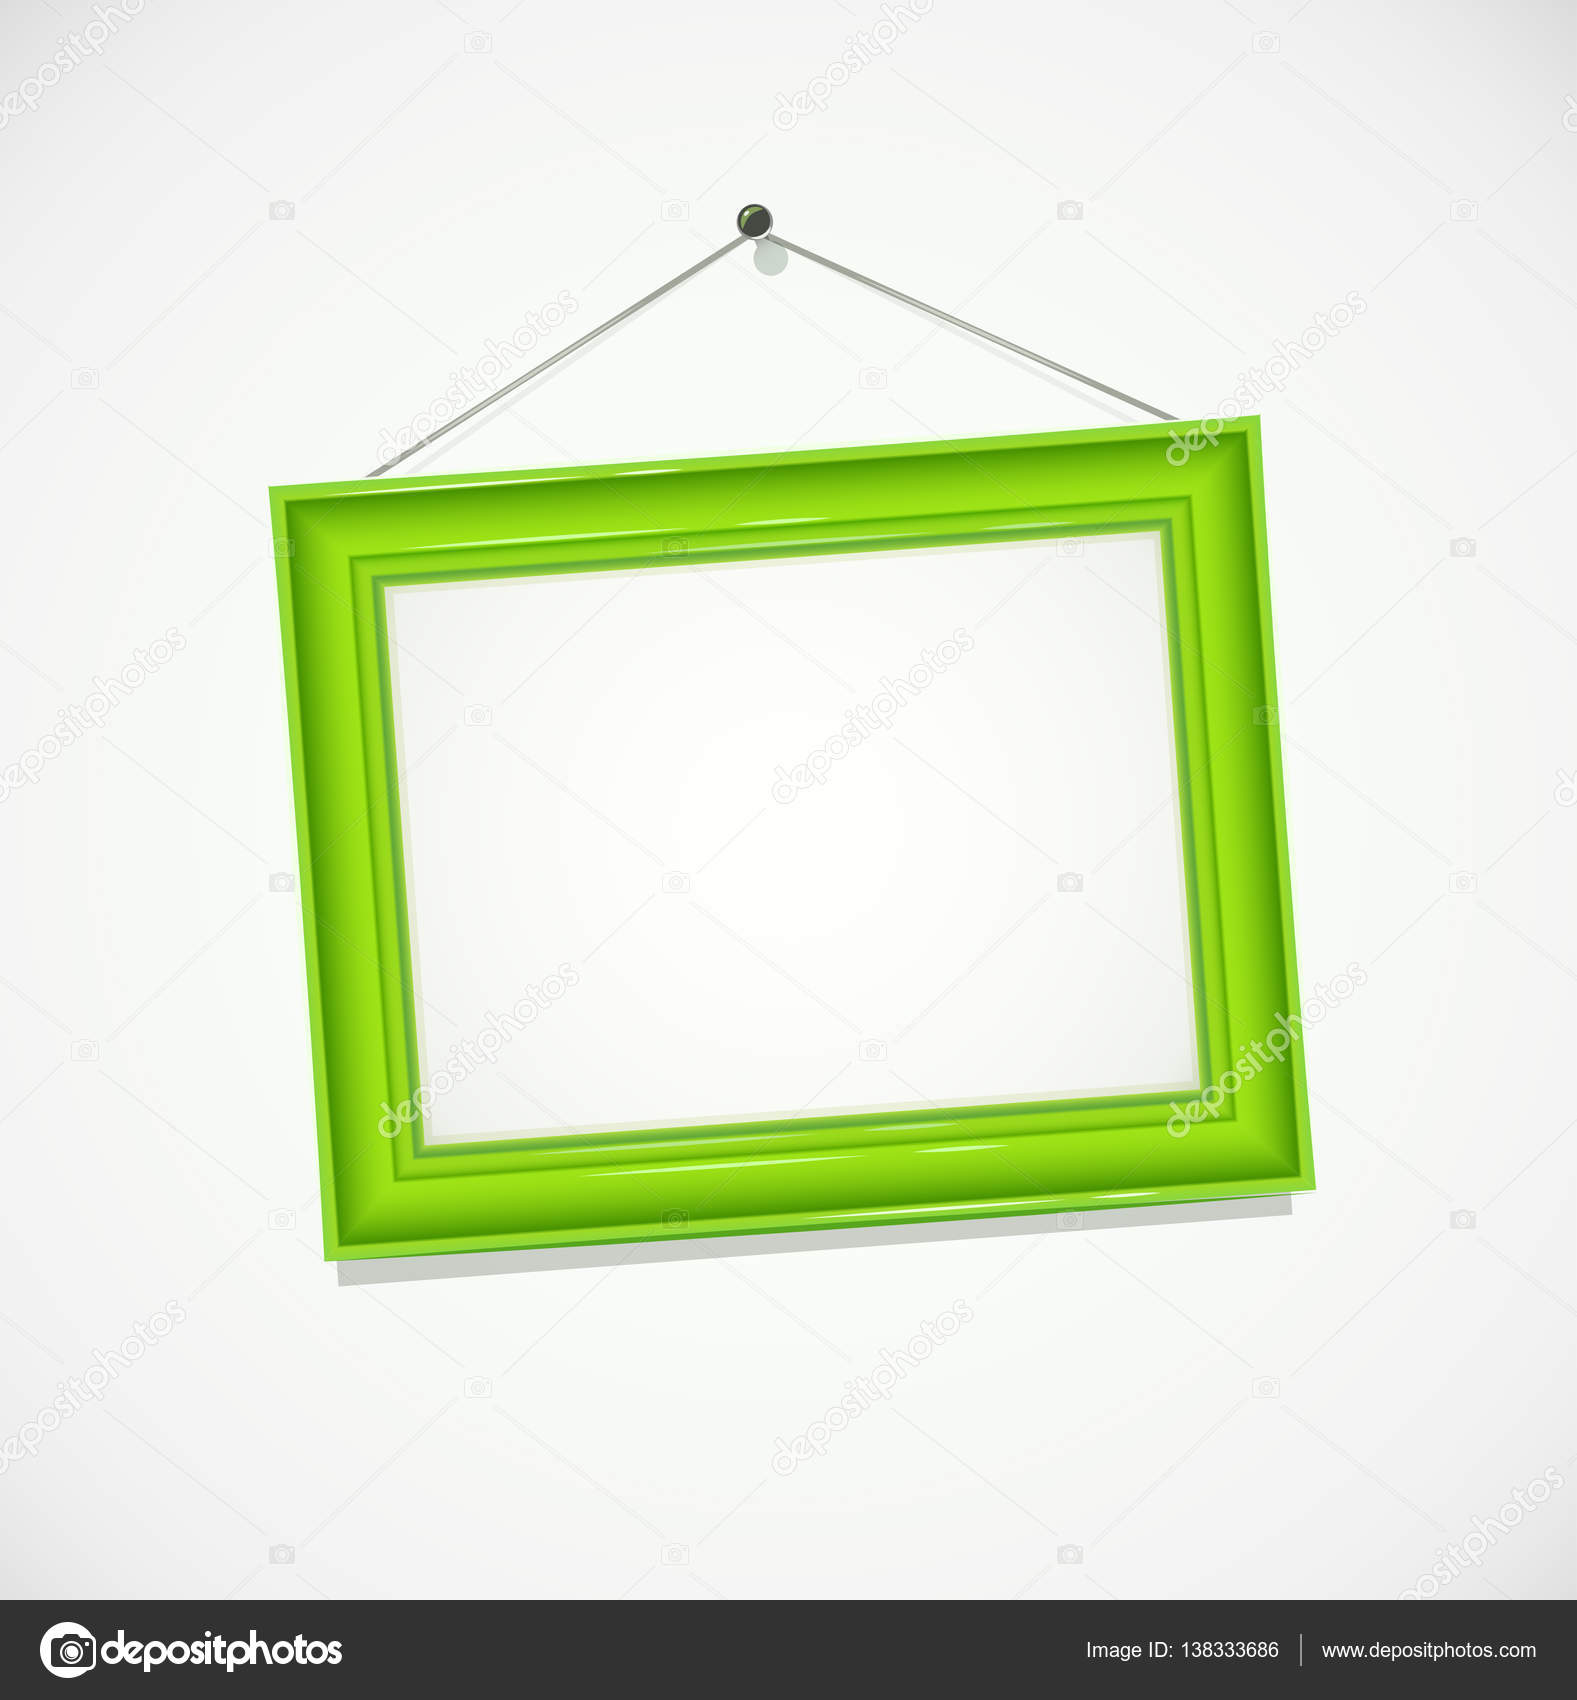 Grüner Rahmen für Fotografie hängen an der Wand — Stockvektor ...